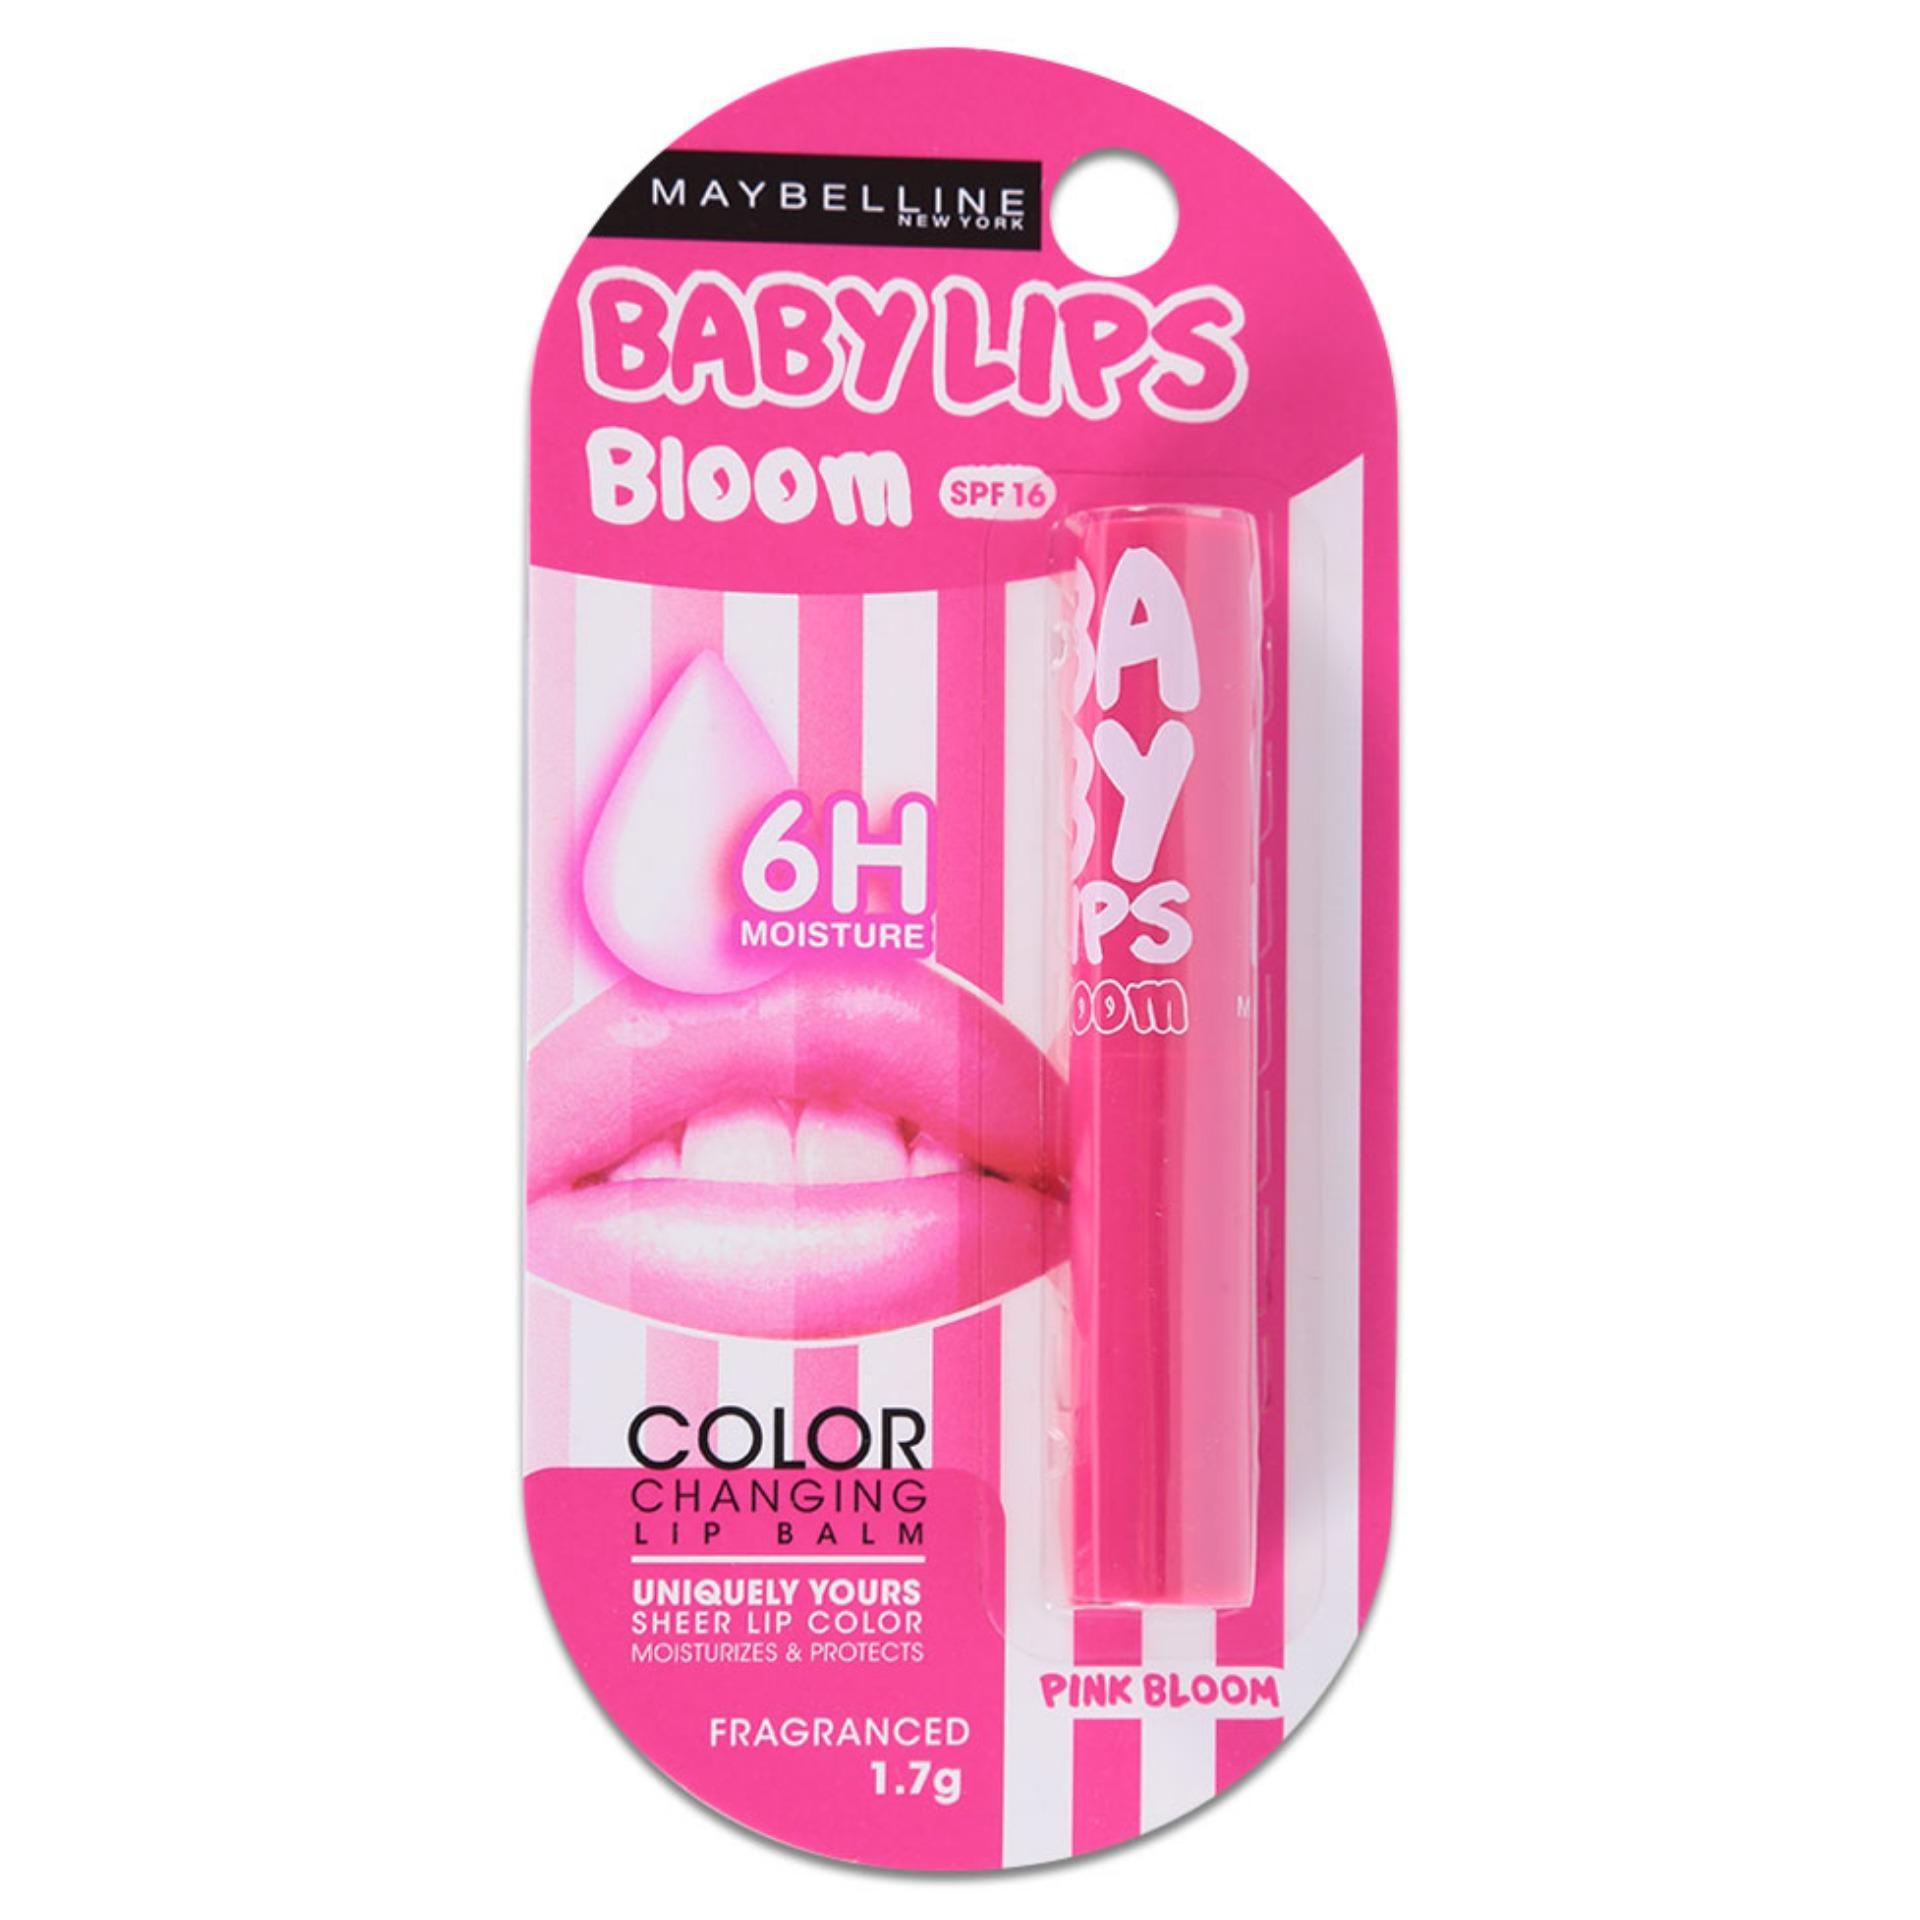 Son Dưỡng Ẩm Chuyển Màu Maybelline Pink Bloom 1.7G